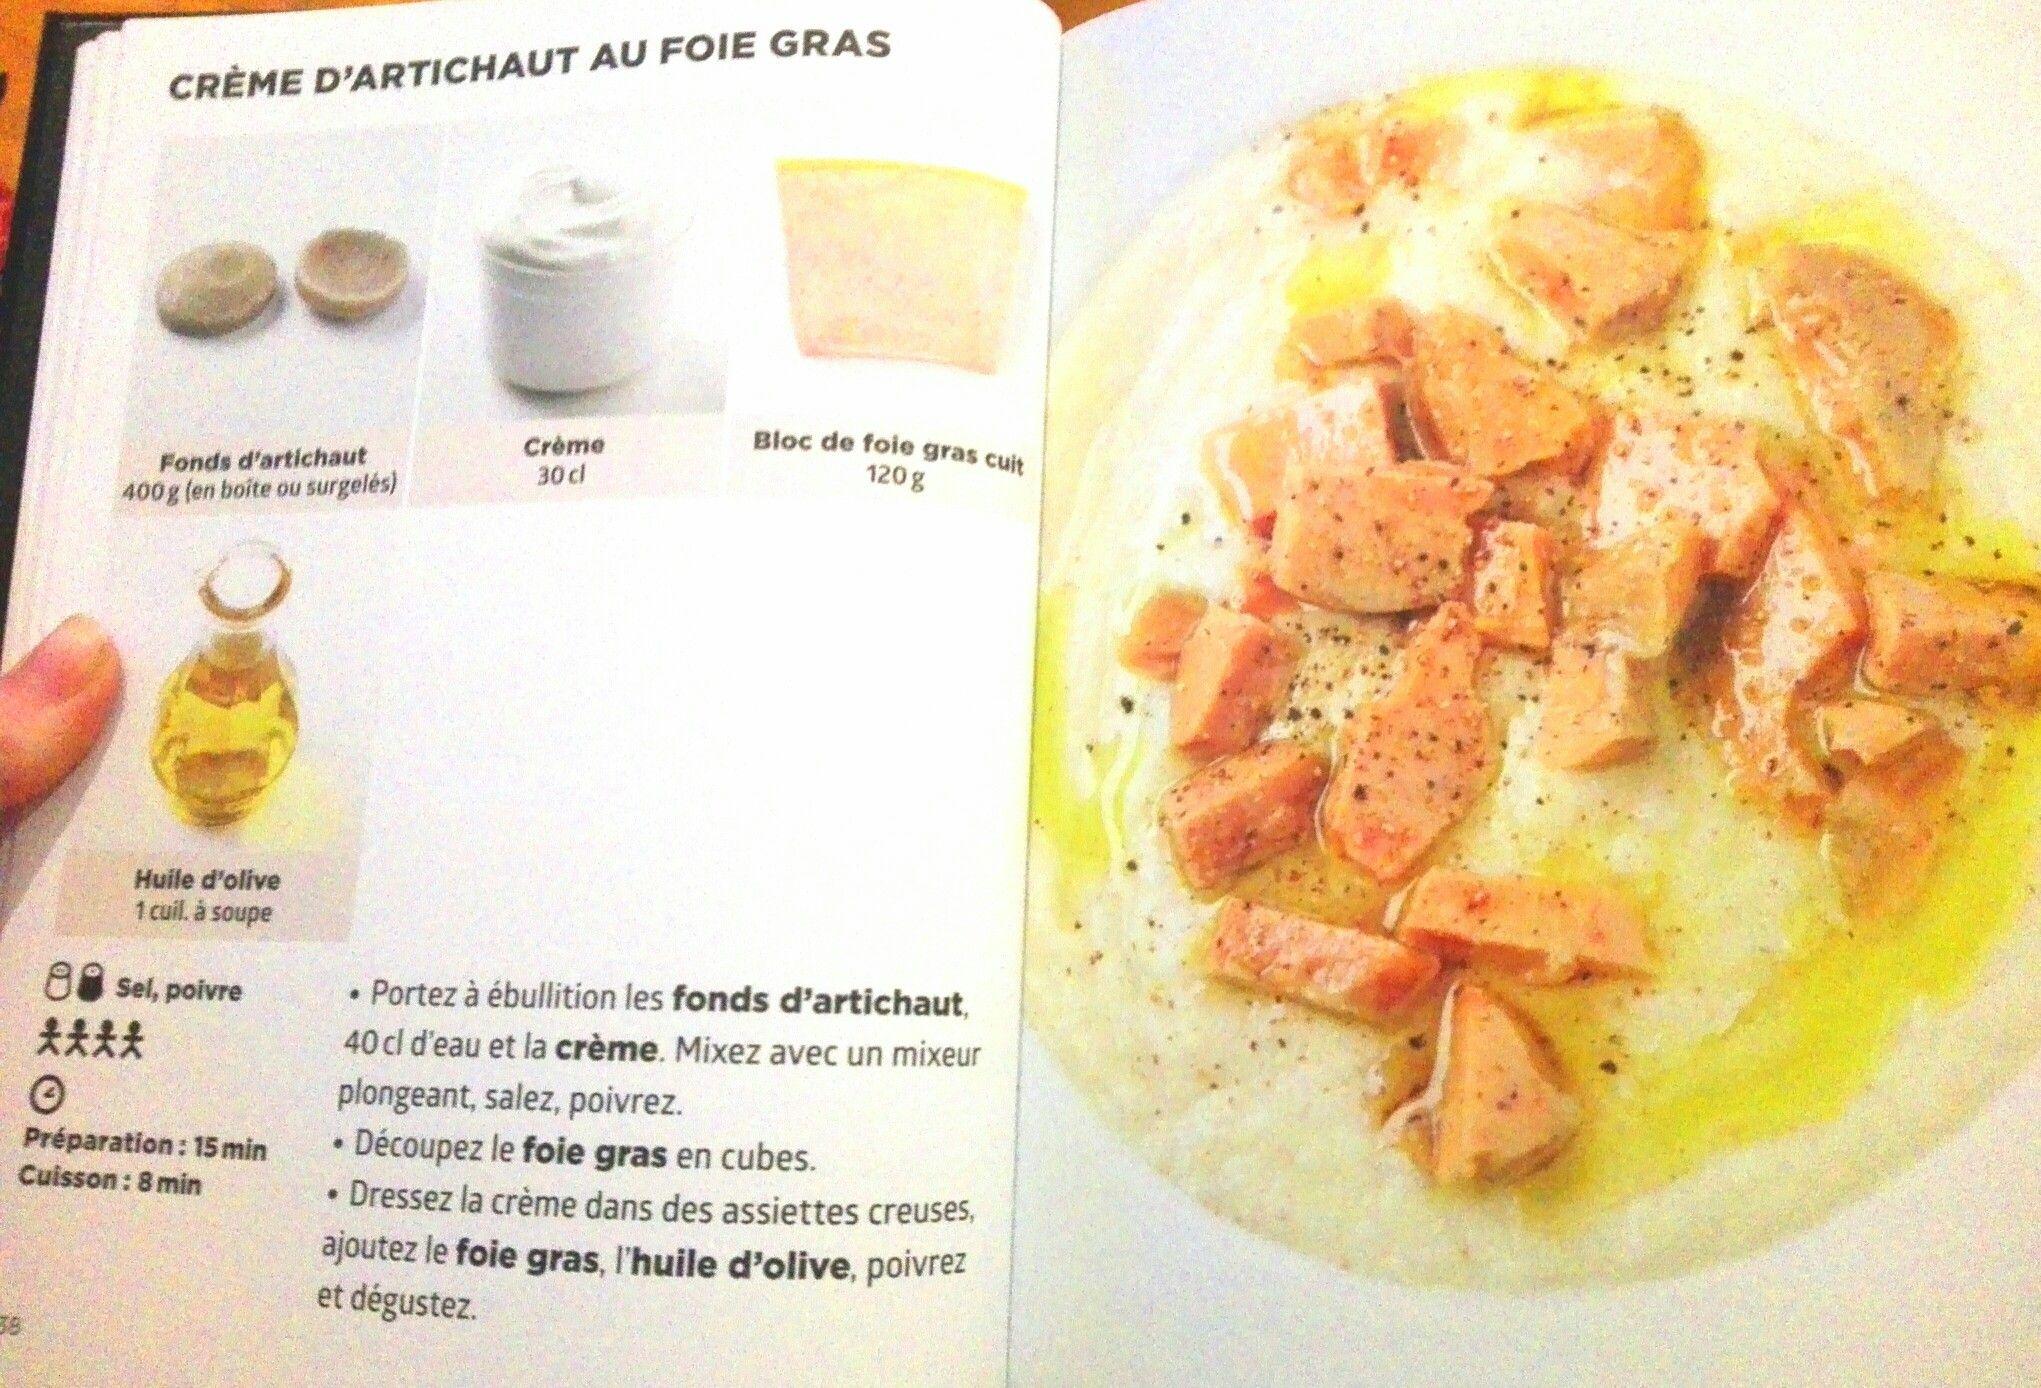 Crème d'artichaut au foie gras | Artichaut, Foie gras, Creme